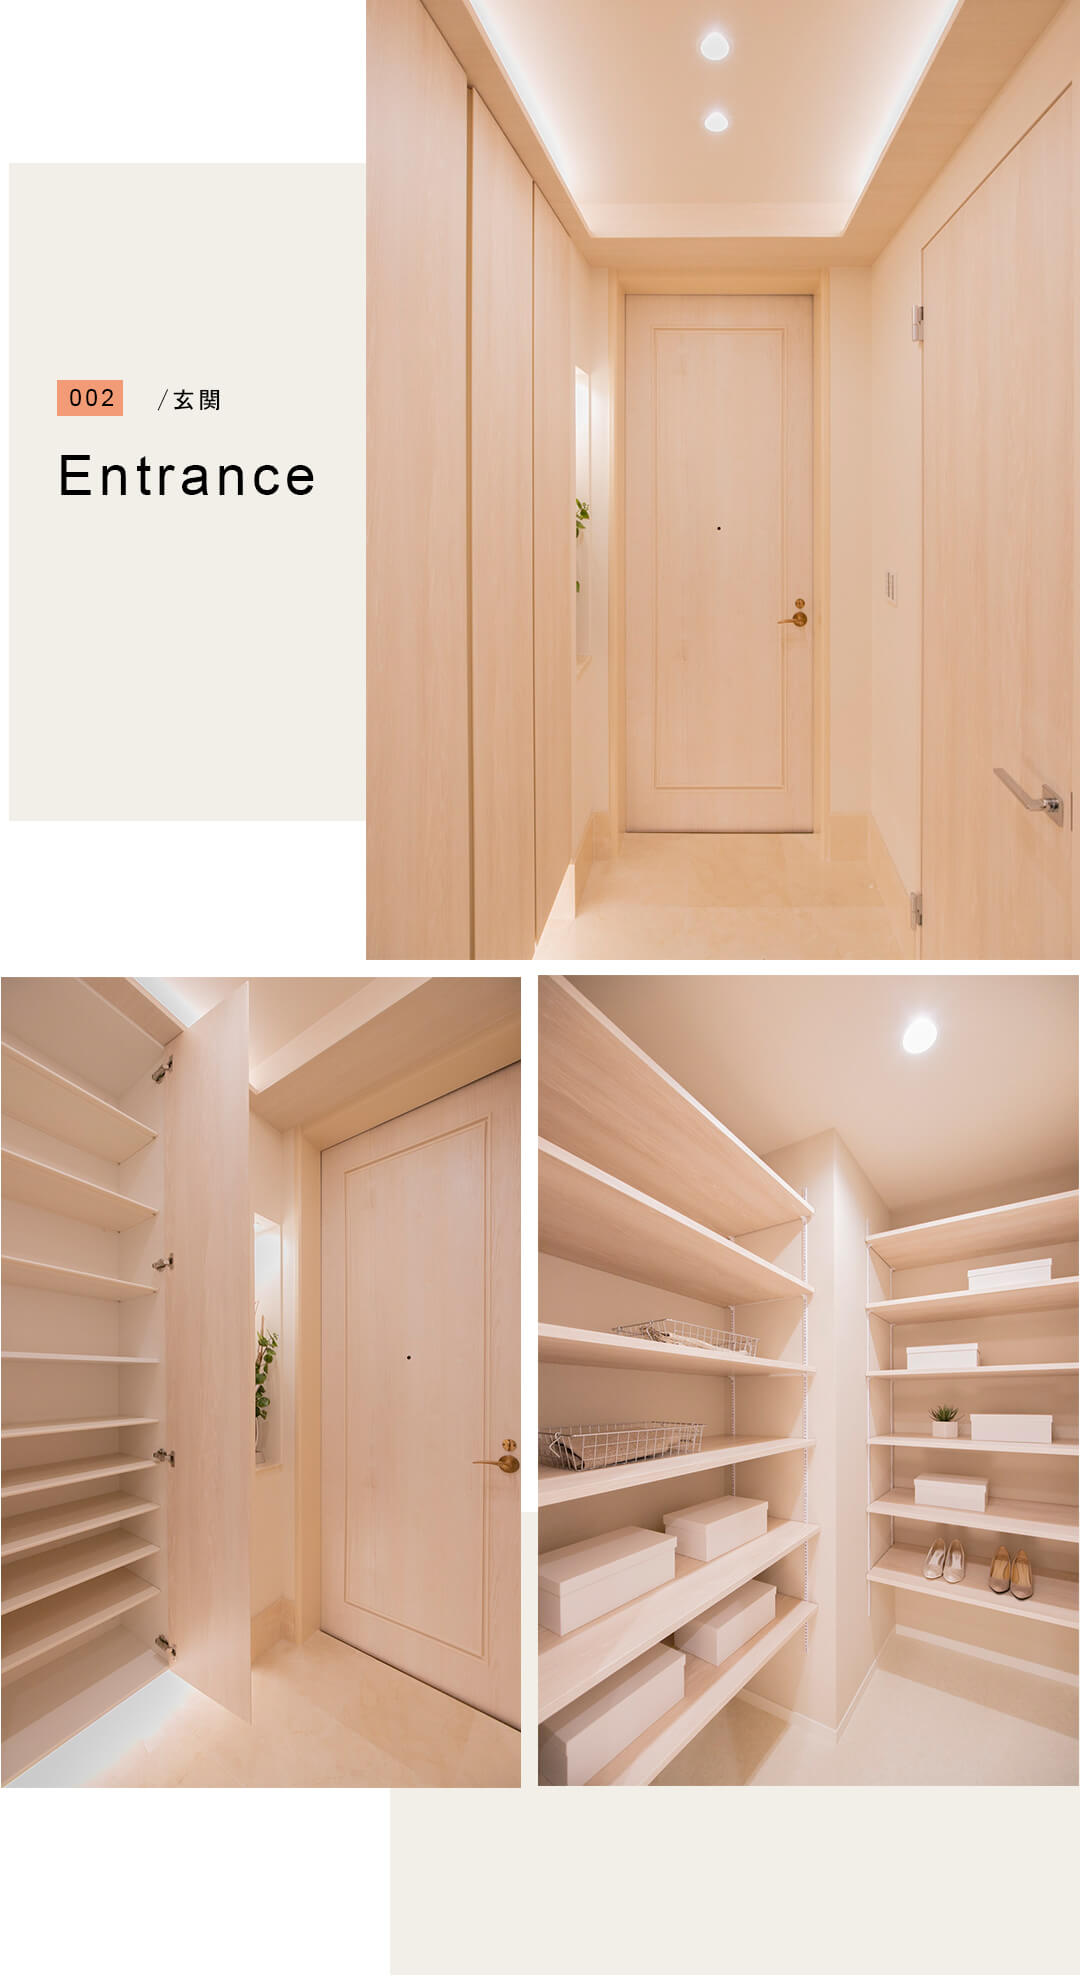 クランツ経堂の玄関と玄関収納